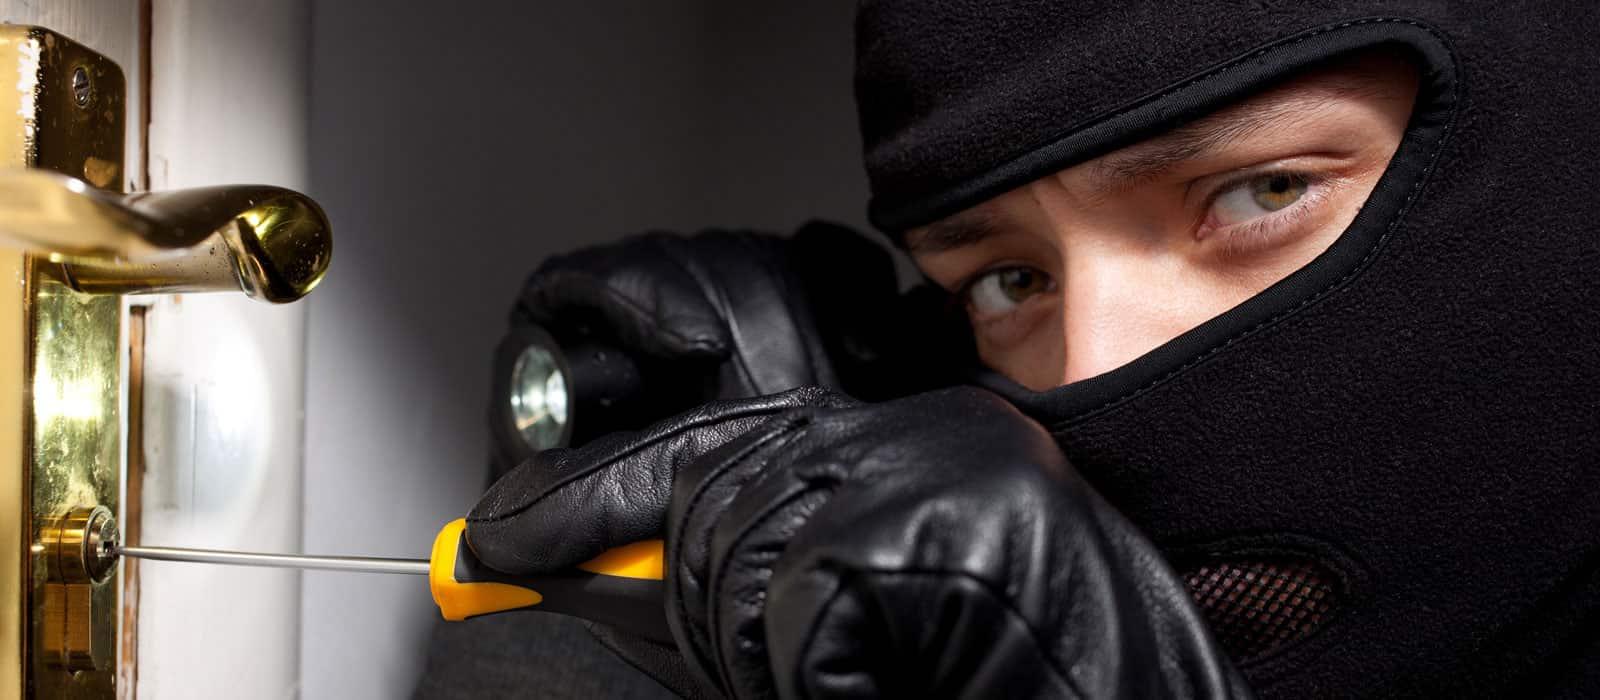 Trộm sẽ dè chừng, không dám dám bén mảng xâm nhập nếu nhà được lắp camera